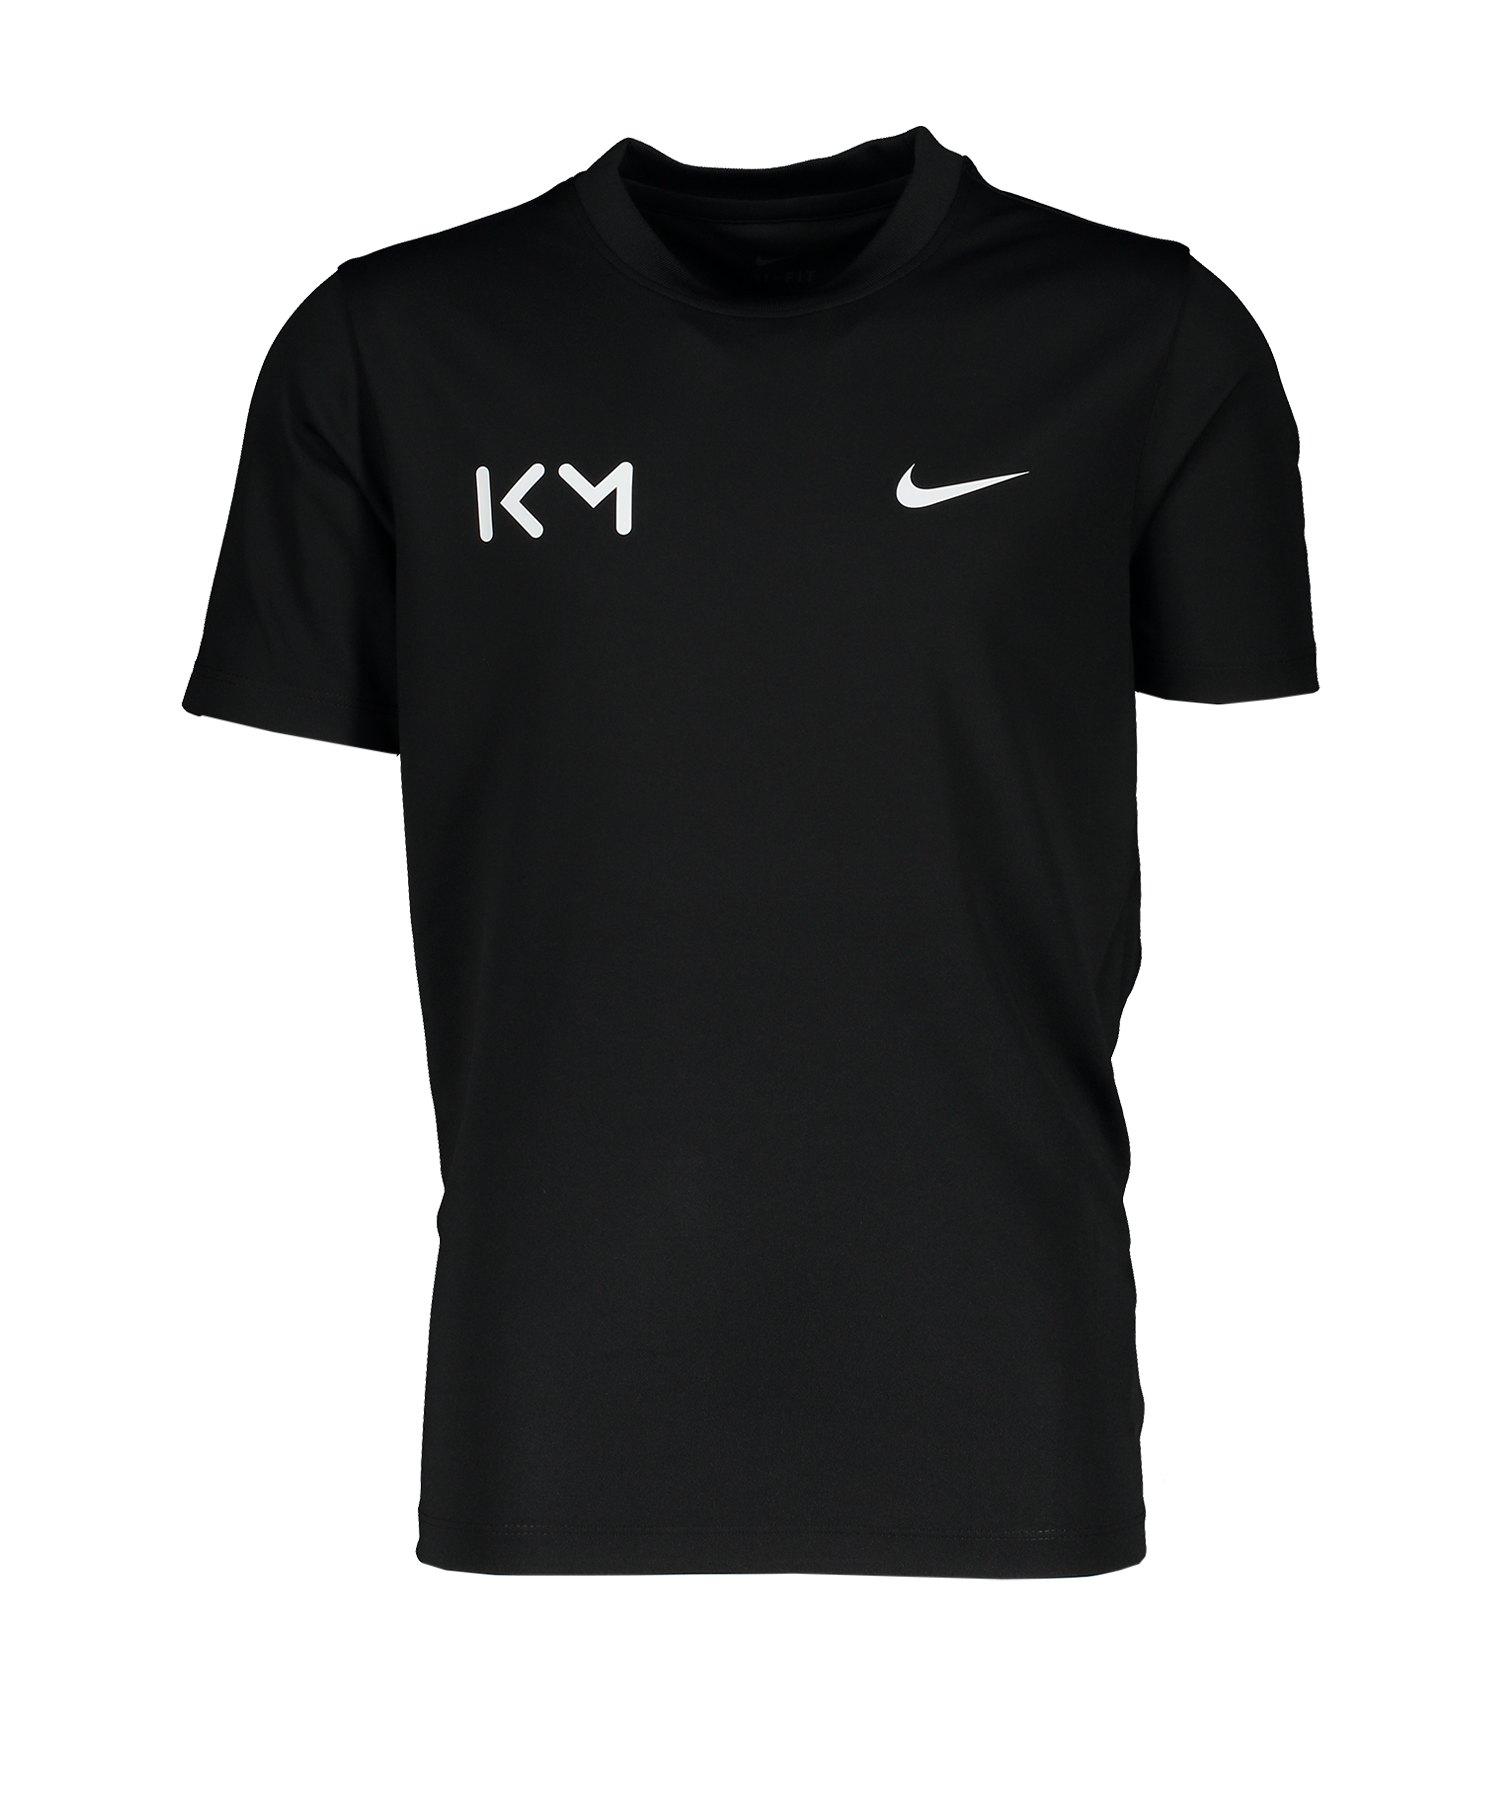 Nike Trainingsshirt kurzarm Kids Schwarz F010 - schwarz